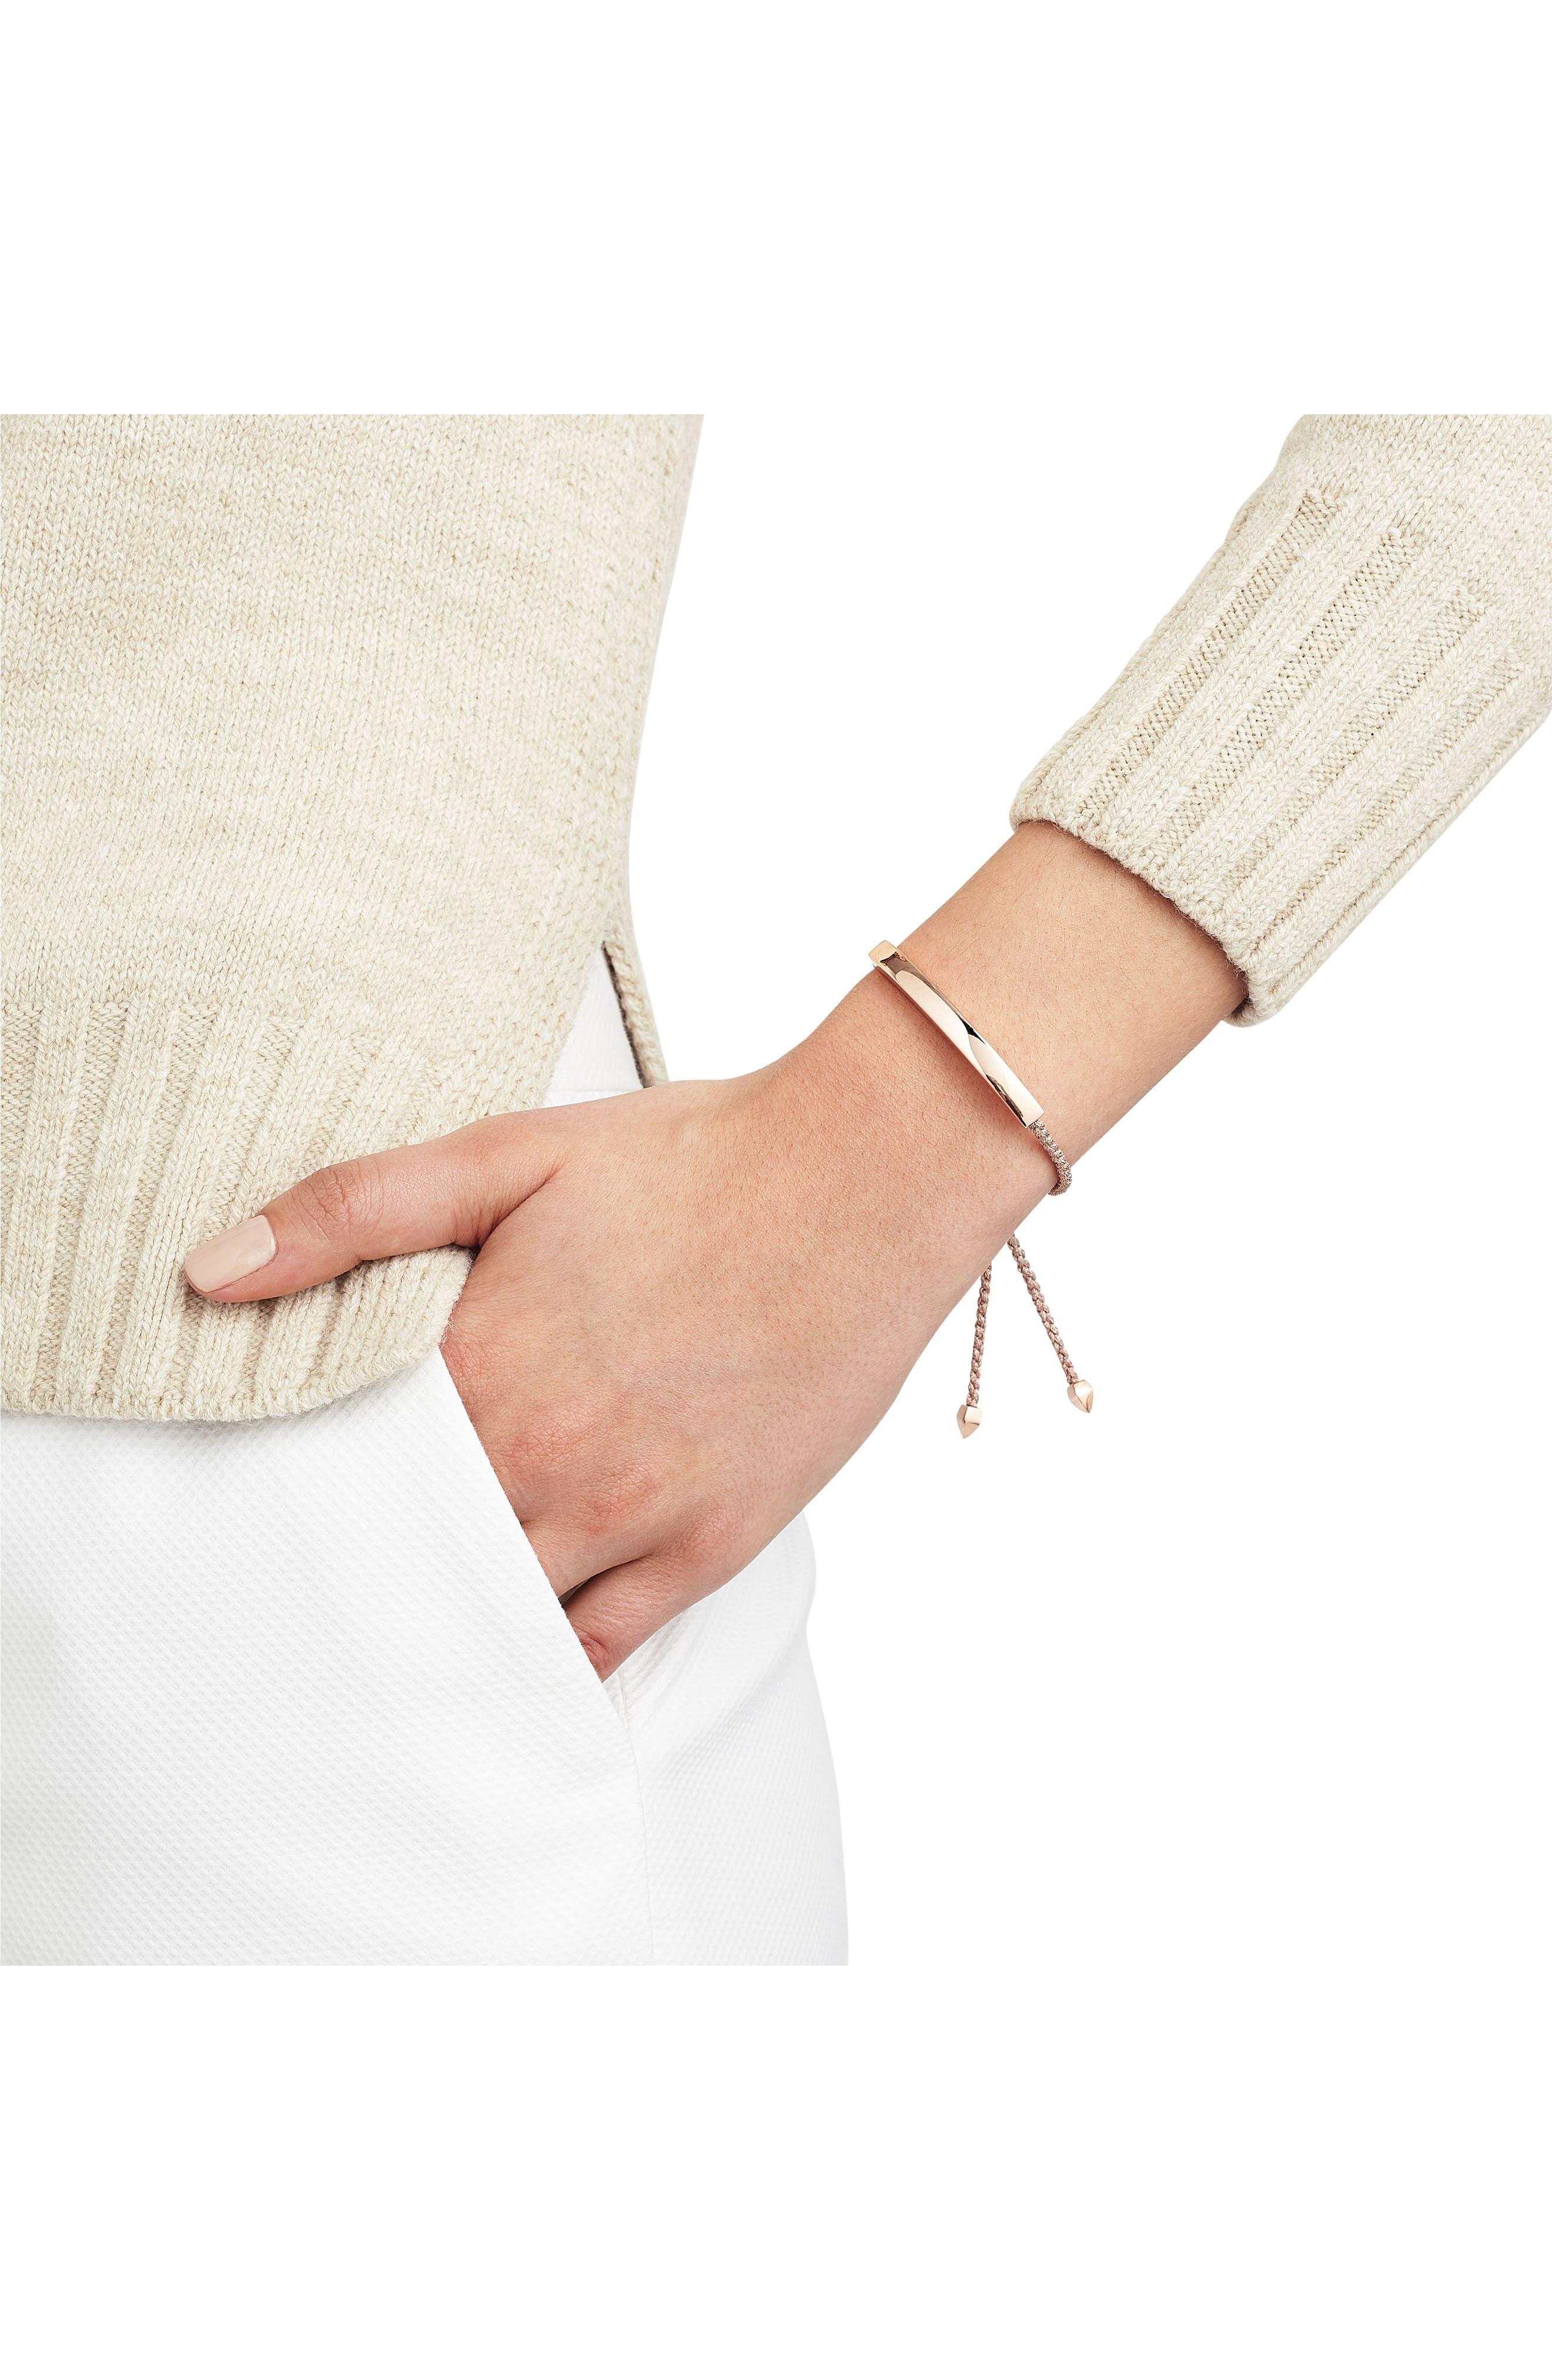 Engravable Large Linear Friendship Bracelet,                             Alternate thumbnail 2, color,                             650